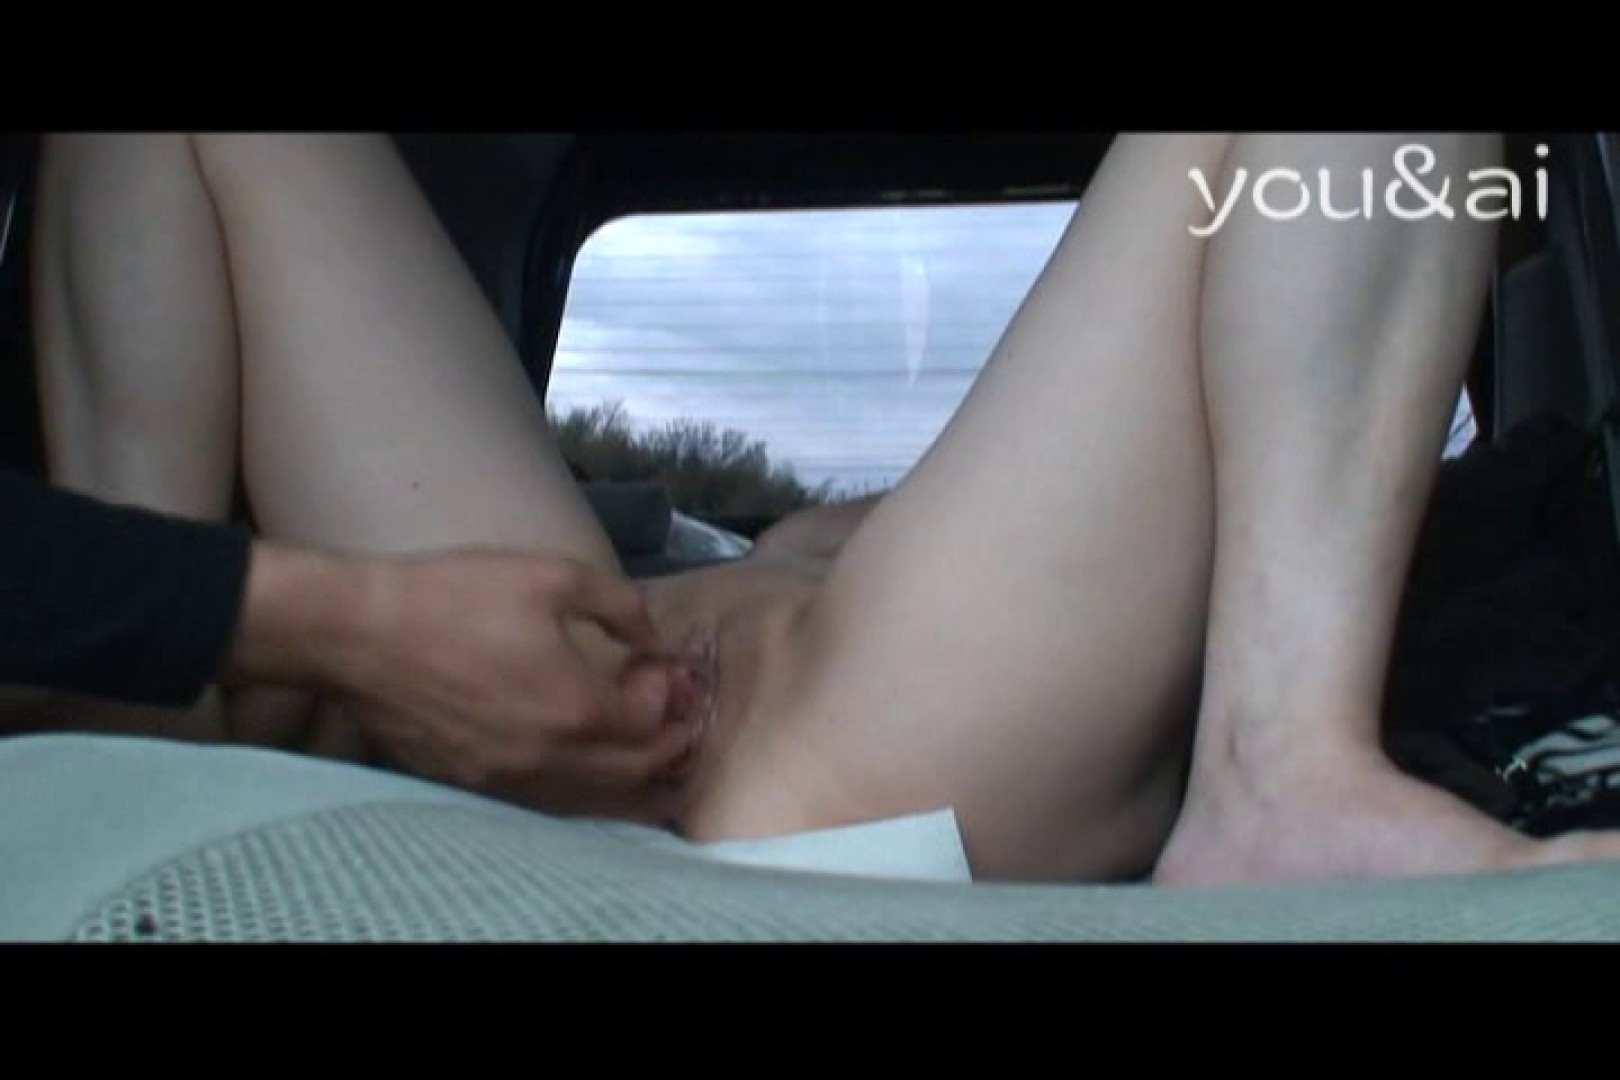 おしどり夫婦のyou&aiさん投稿作品vol.14 一般投稿  94連発 14